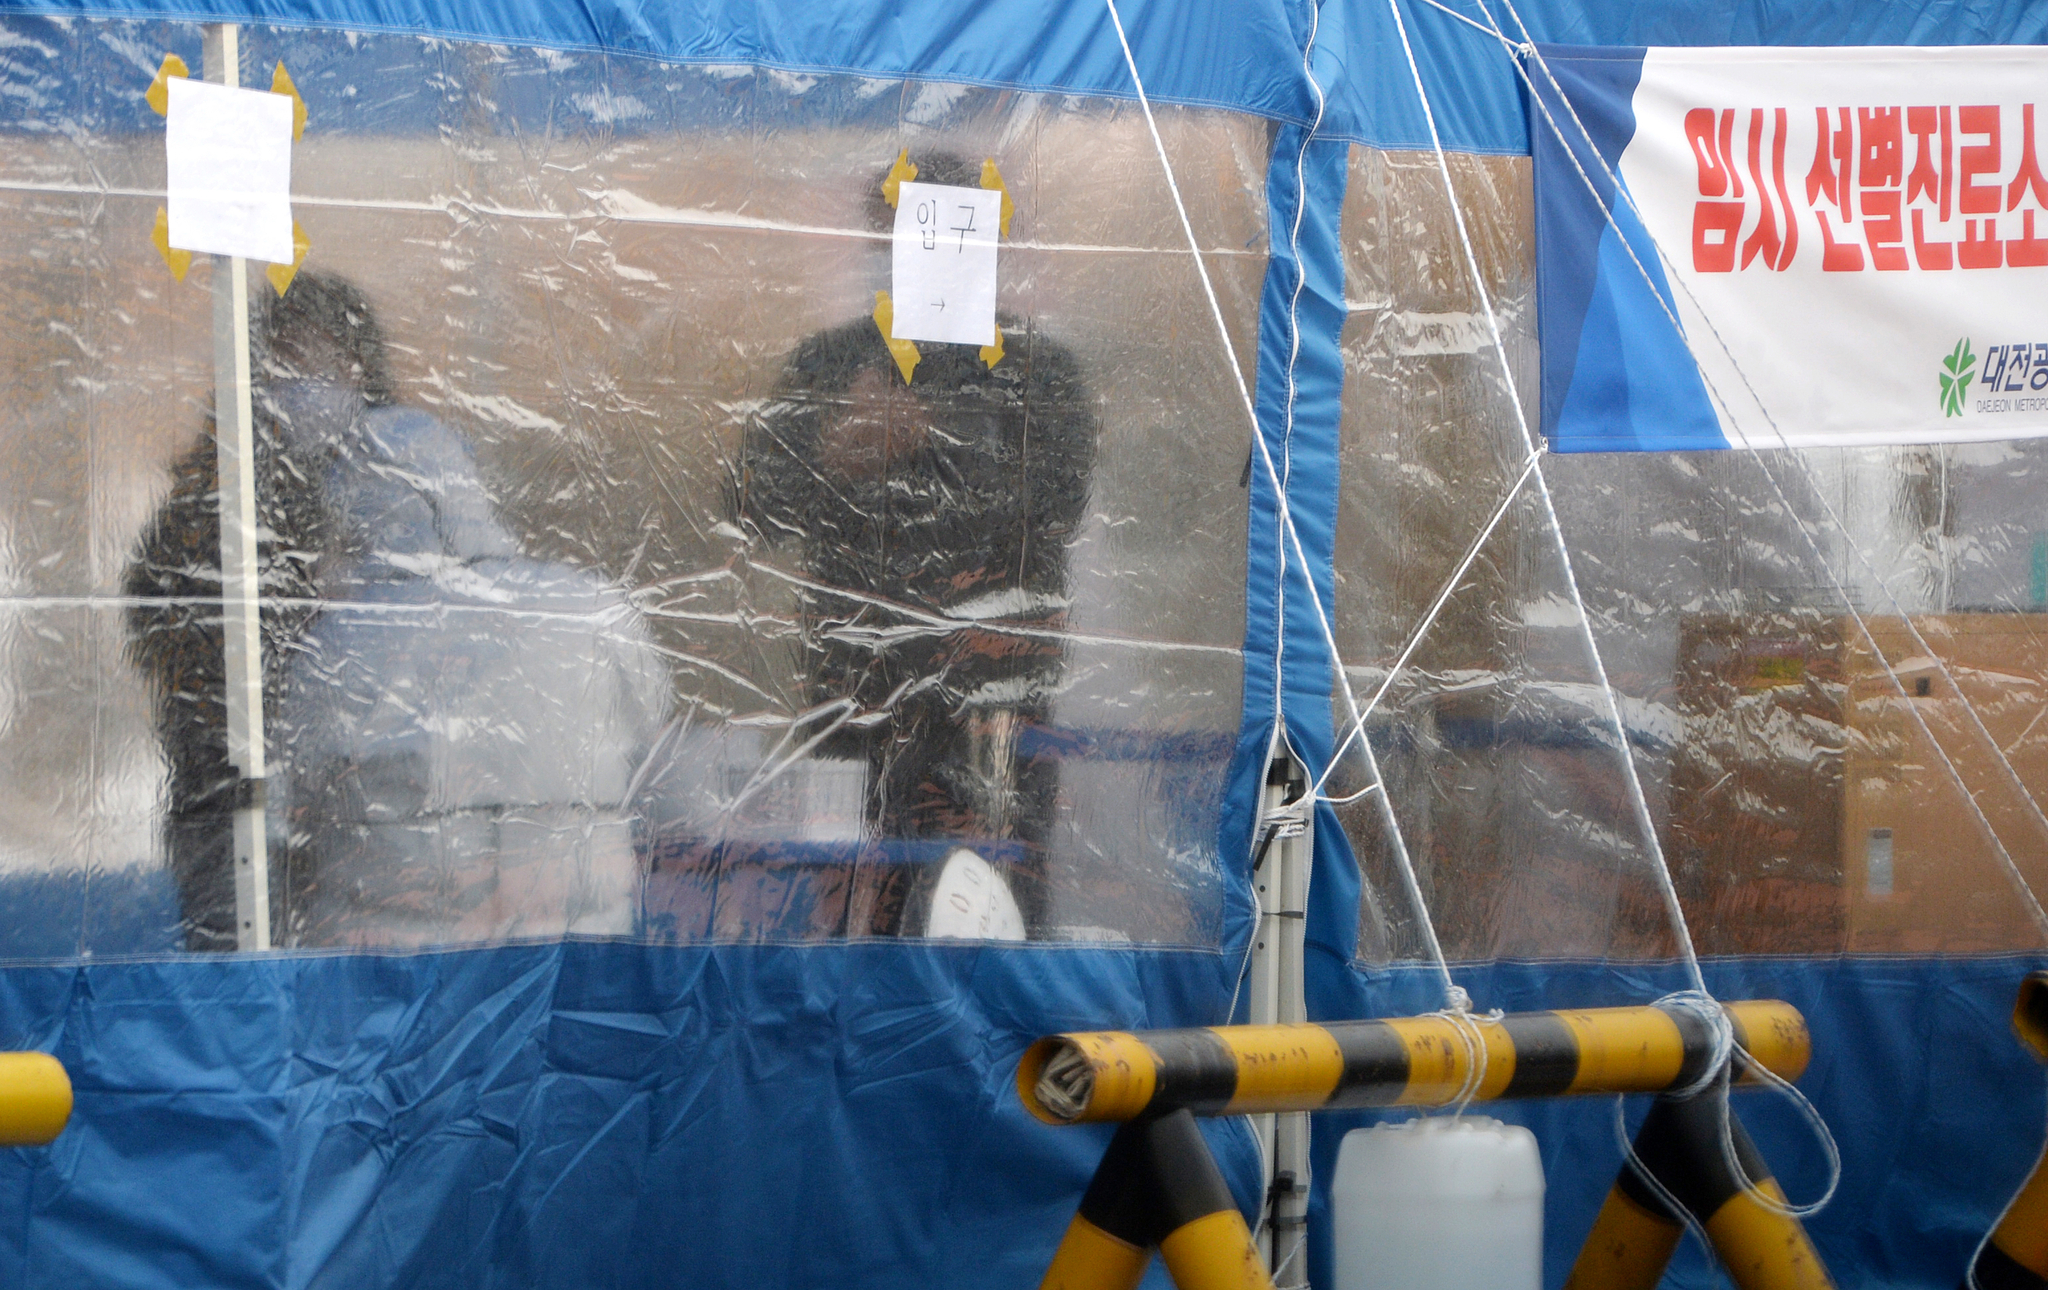 신종 코로나바이러스 감염증(코로나19) 신규 확진자가 451명 발생한 11일 대전 한밭체육관 주차장에 마련된 코로나19 임시 선별진료소에서 의료진들이 방문한 시민들을 검사하고 있다. 중앙포토